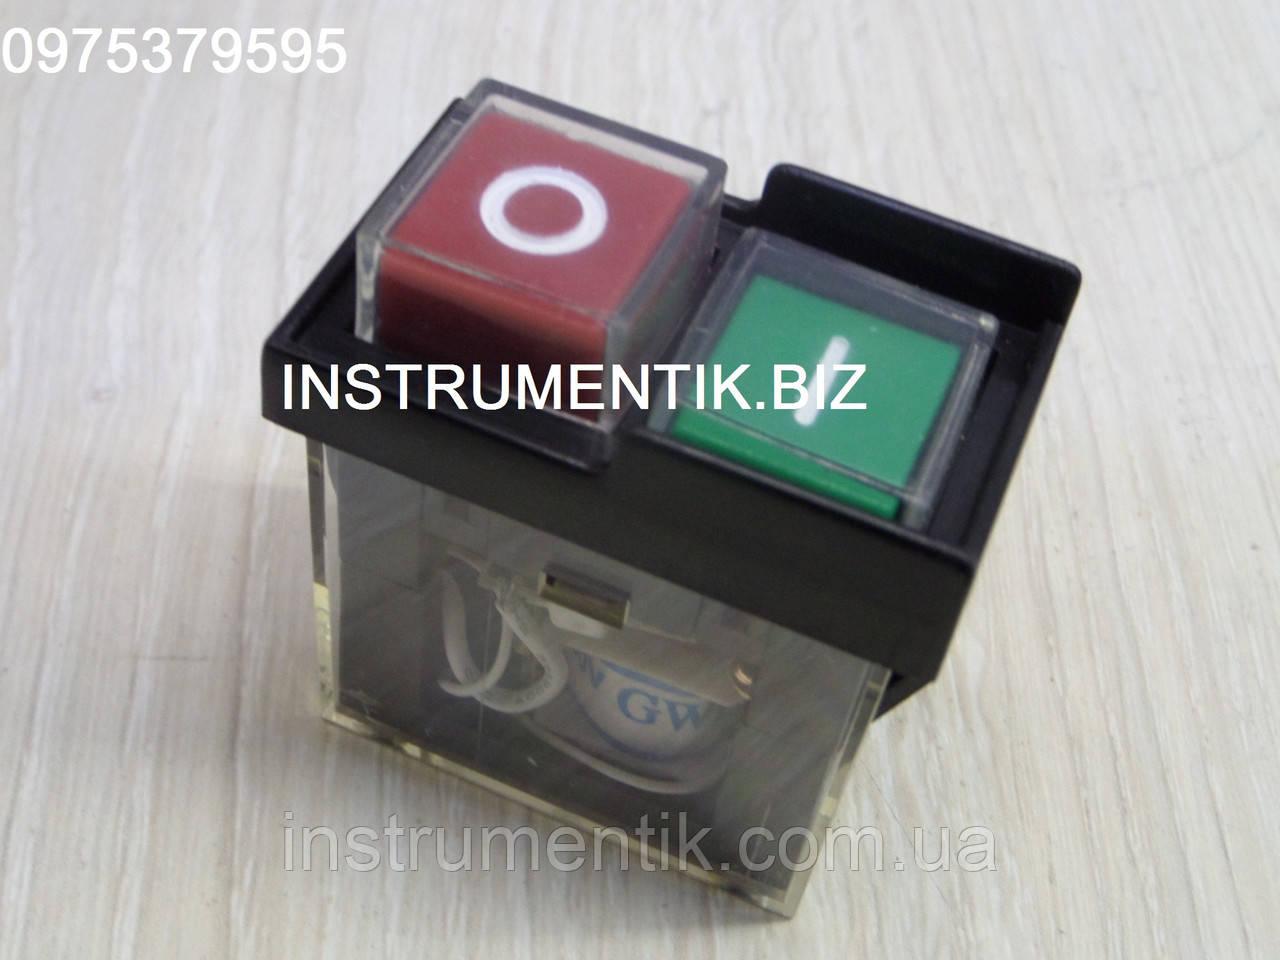 Пусковая электромагнитная кнопка KJD6 к китайской бетономешалке